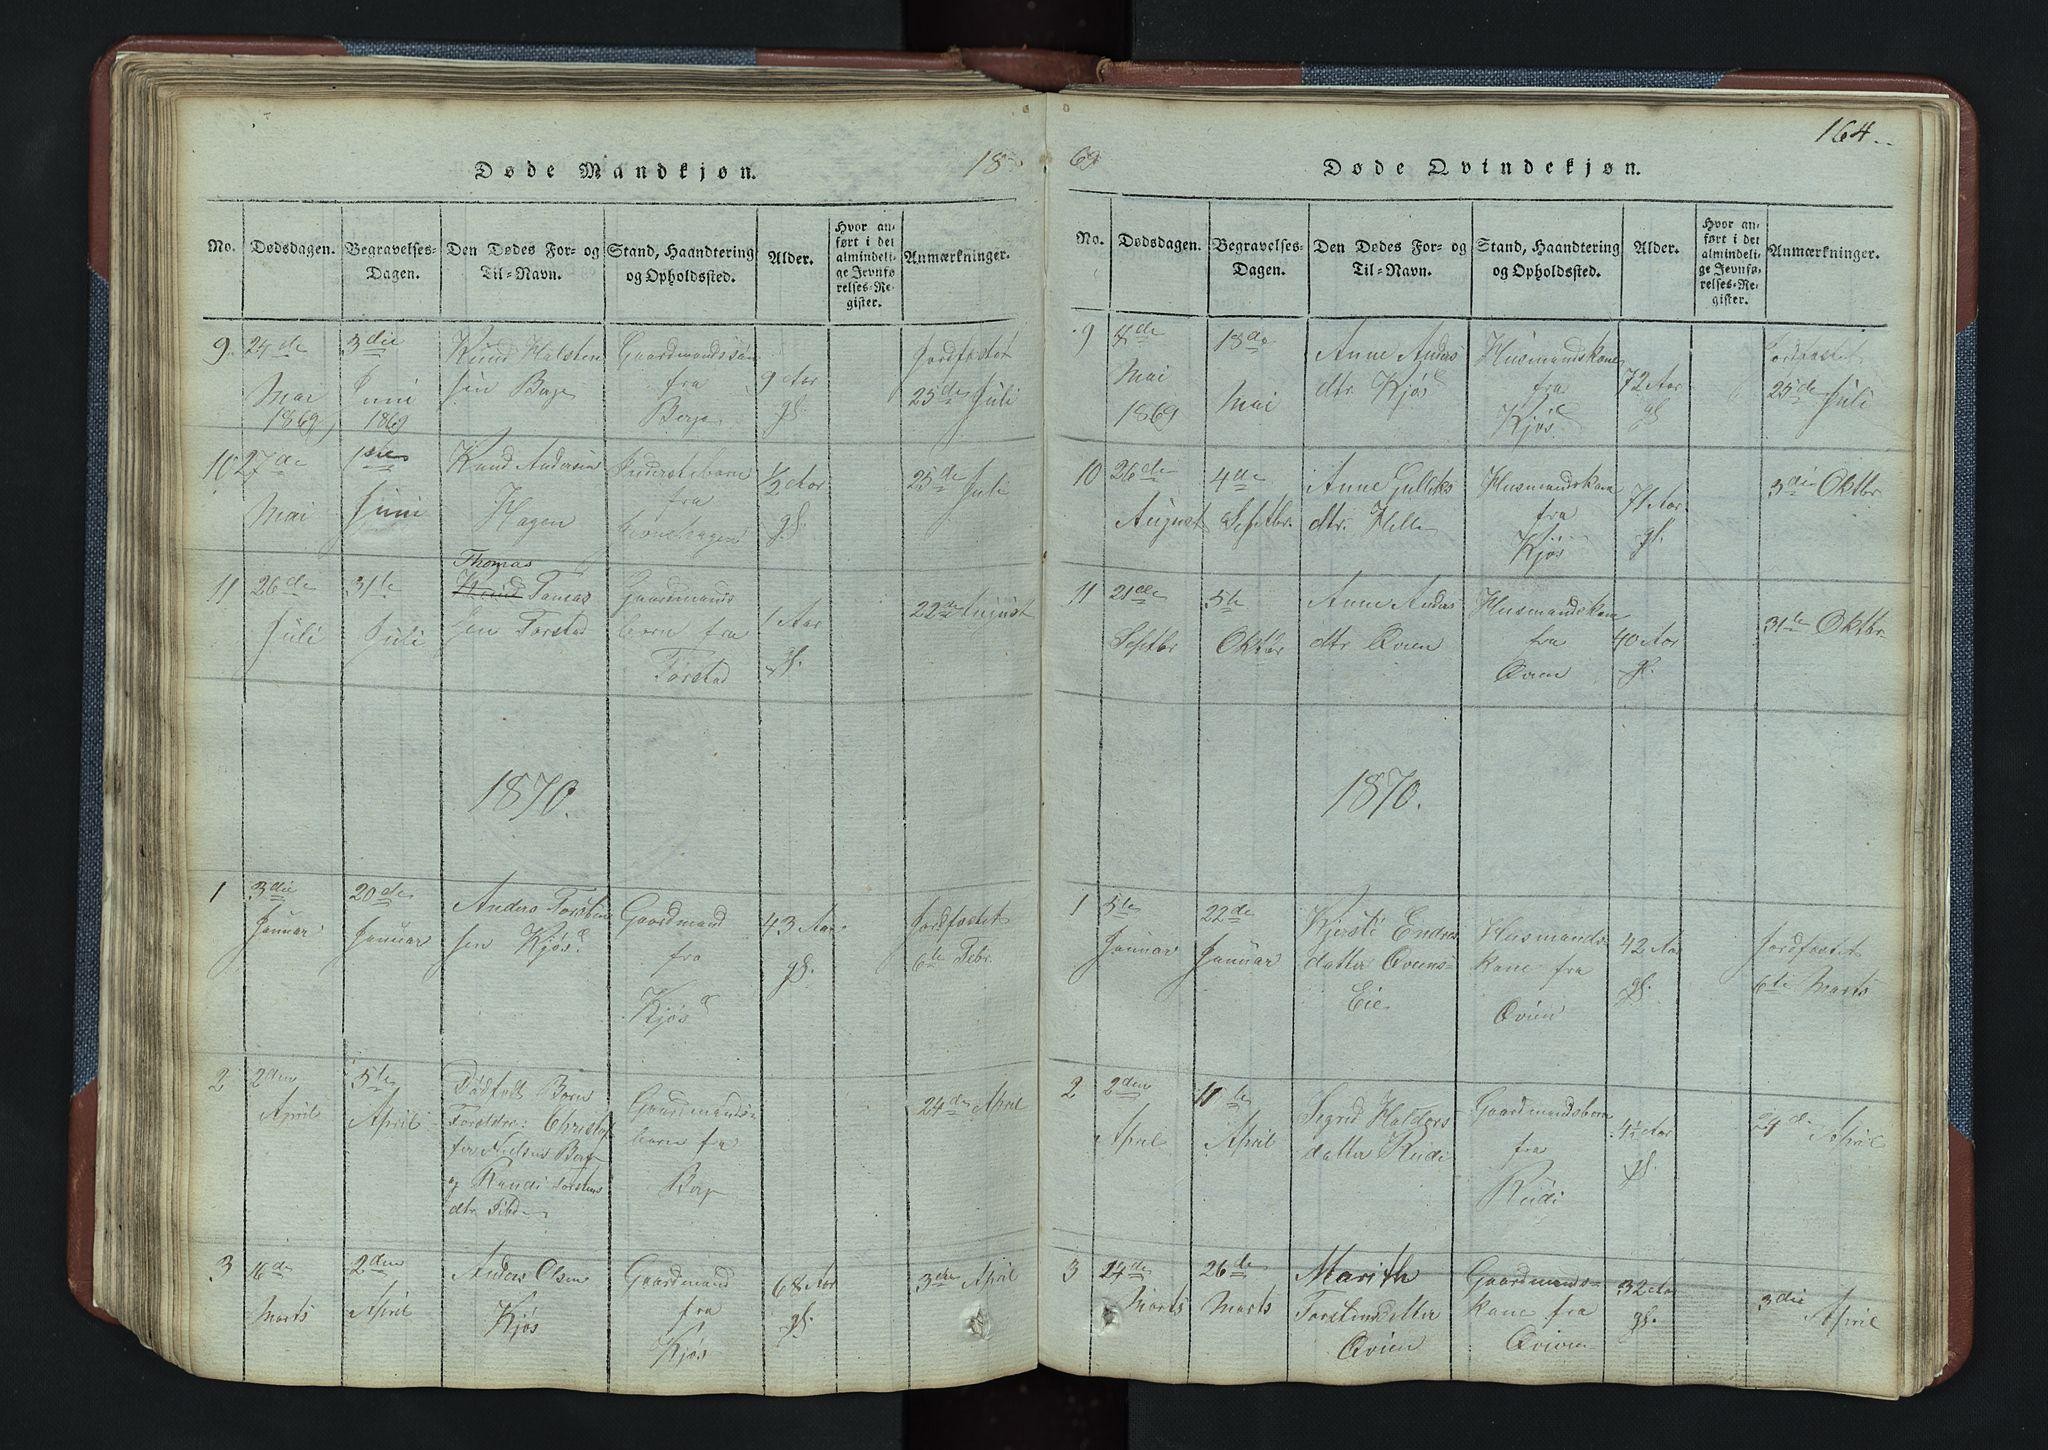 SAH, Vang prestekontor, Valdres, Klokkerbok nr. 3, 1814-1892, s. 164